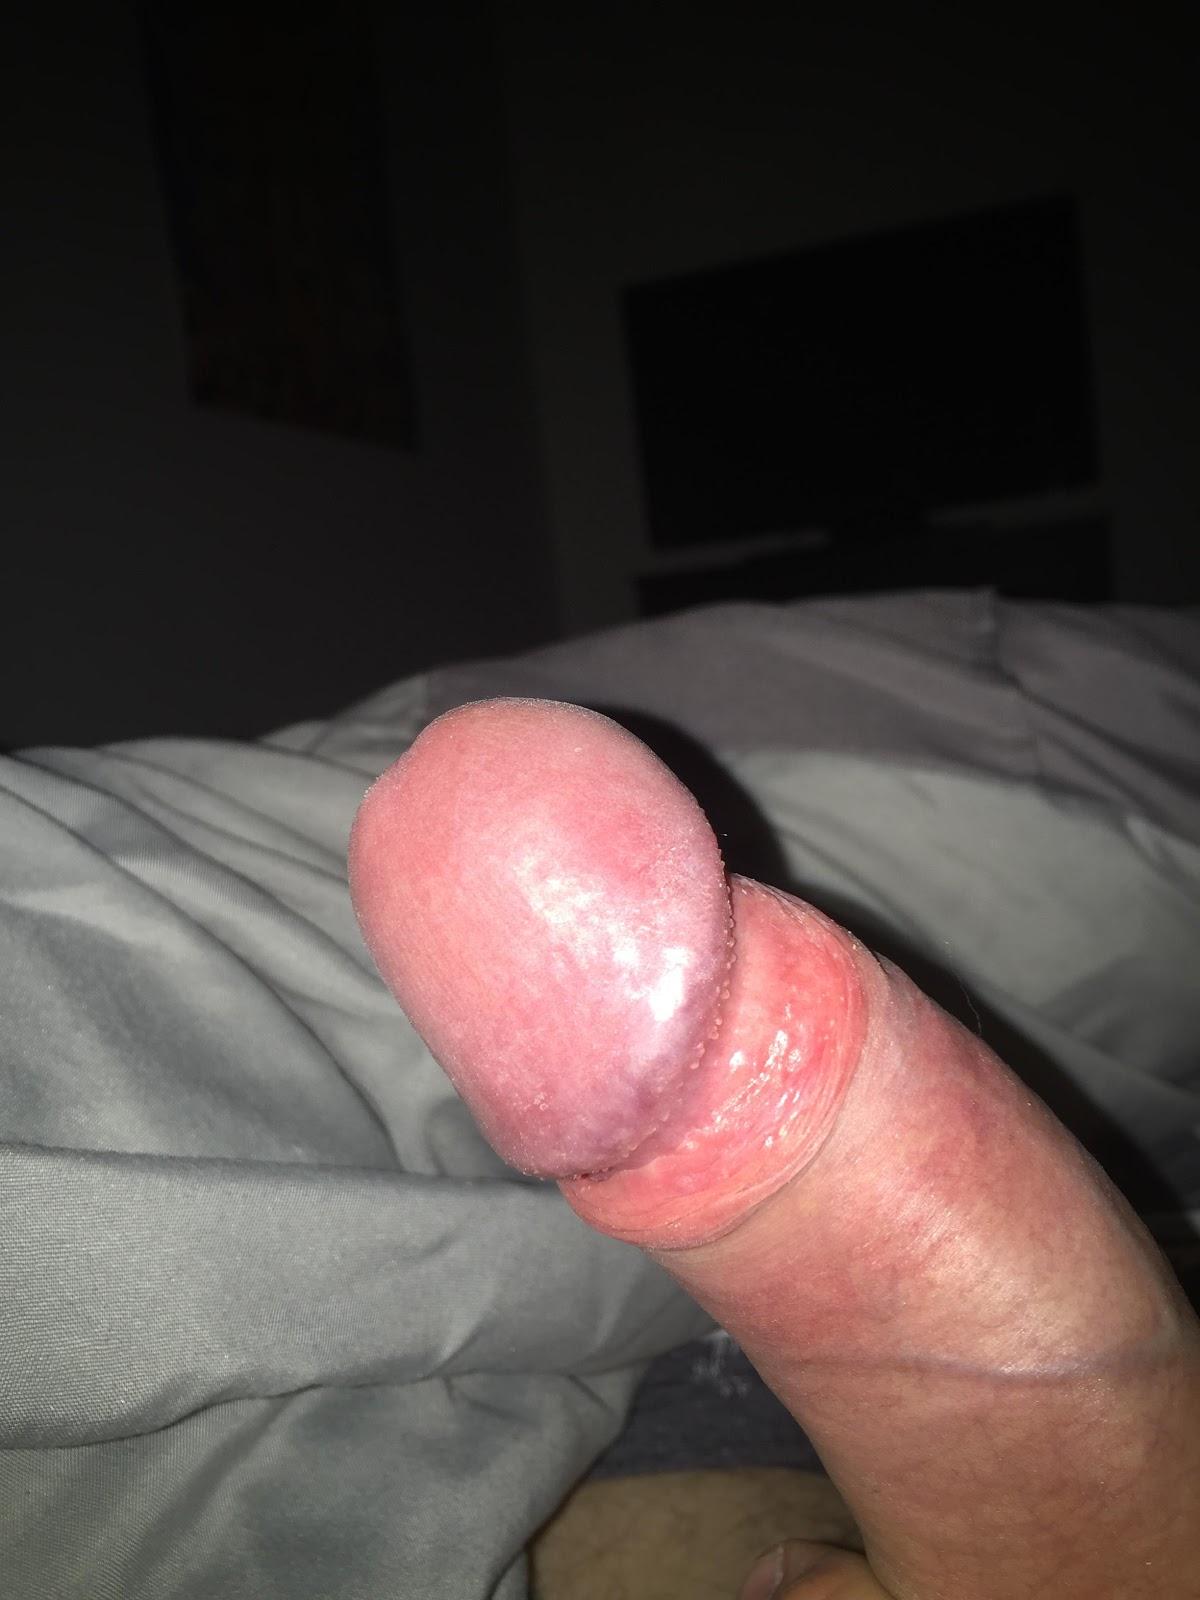 Frenulum breve sex